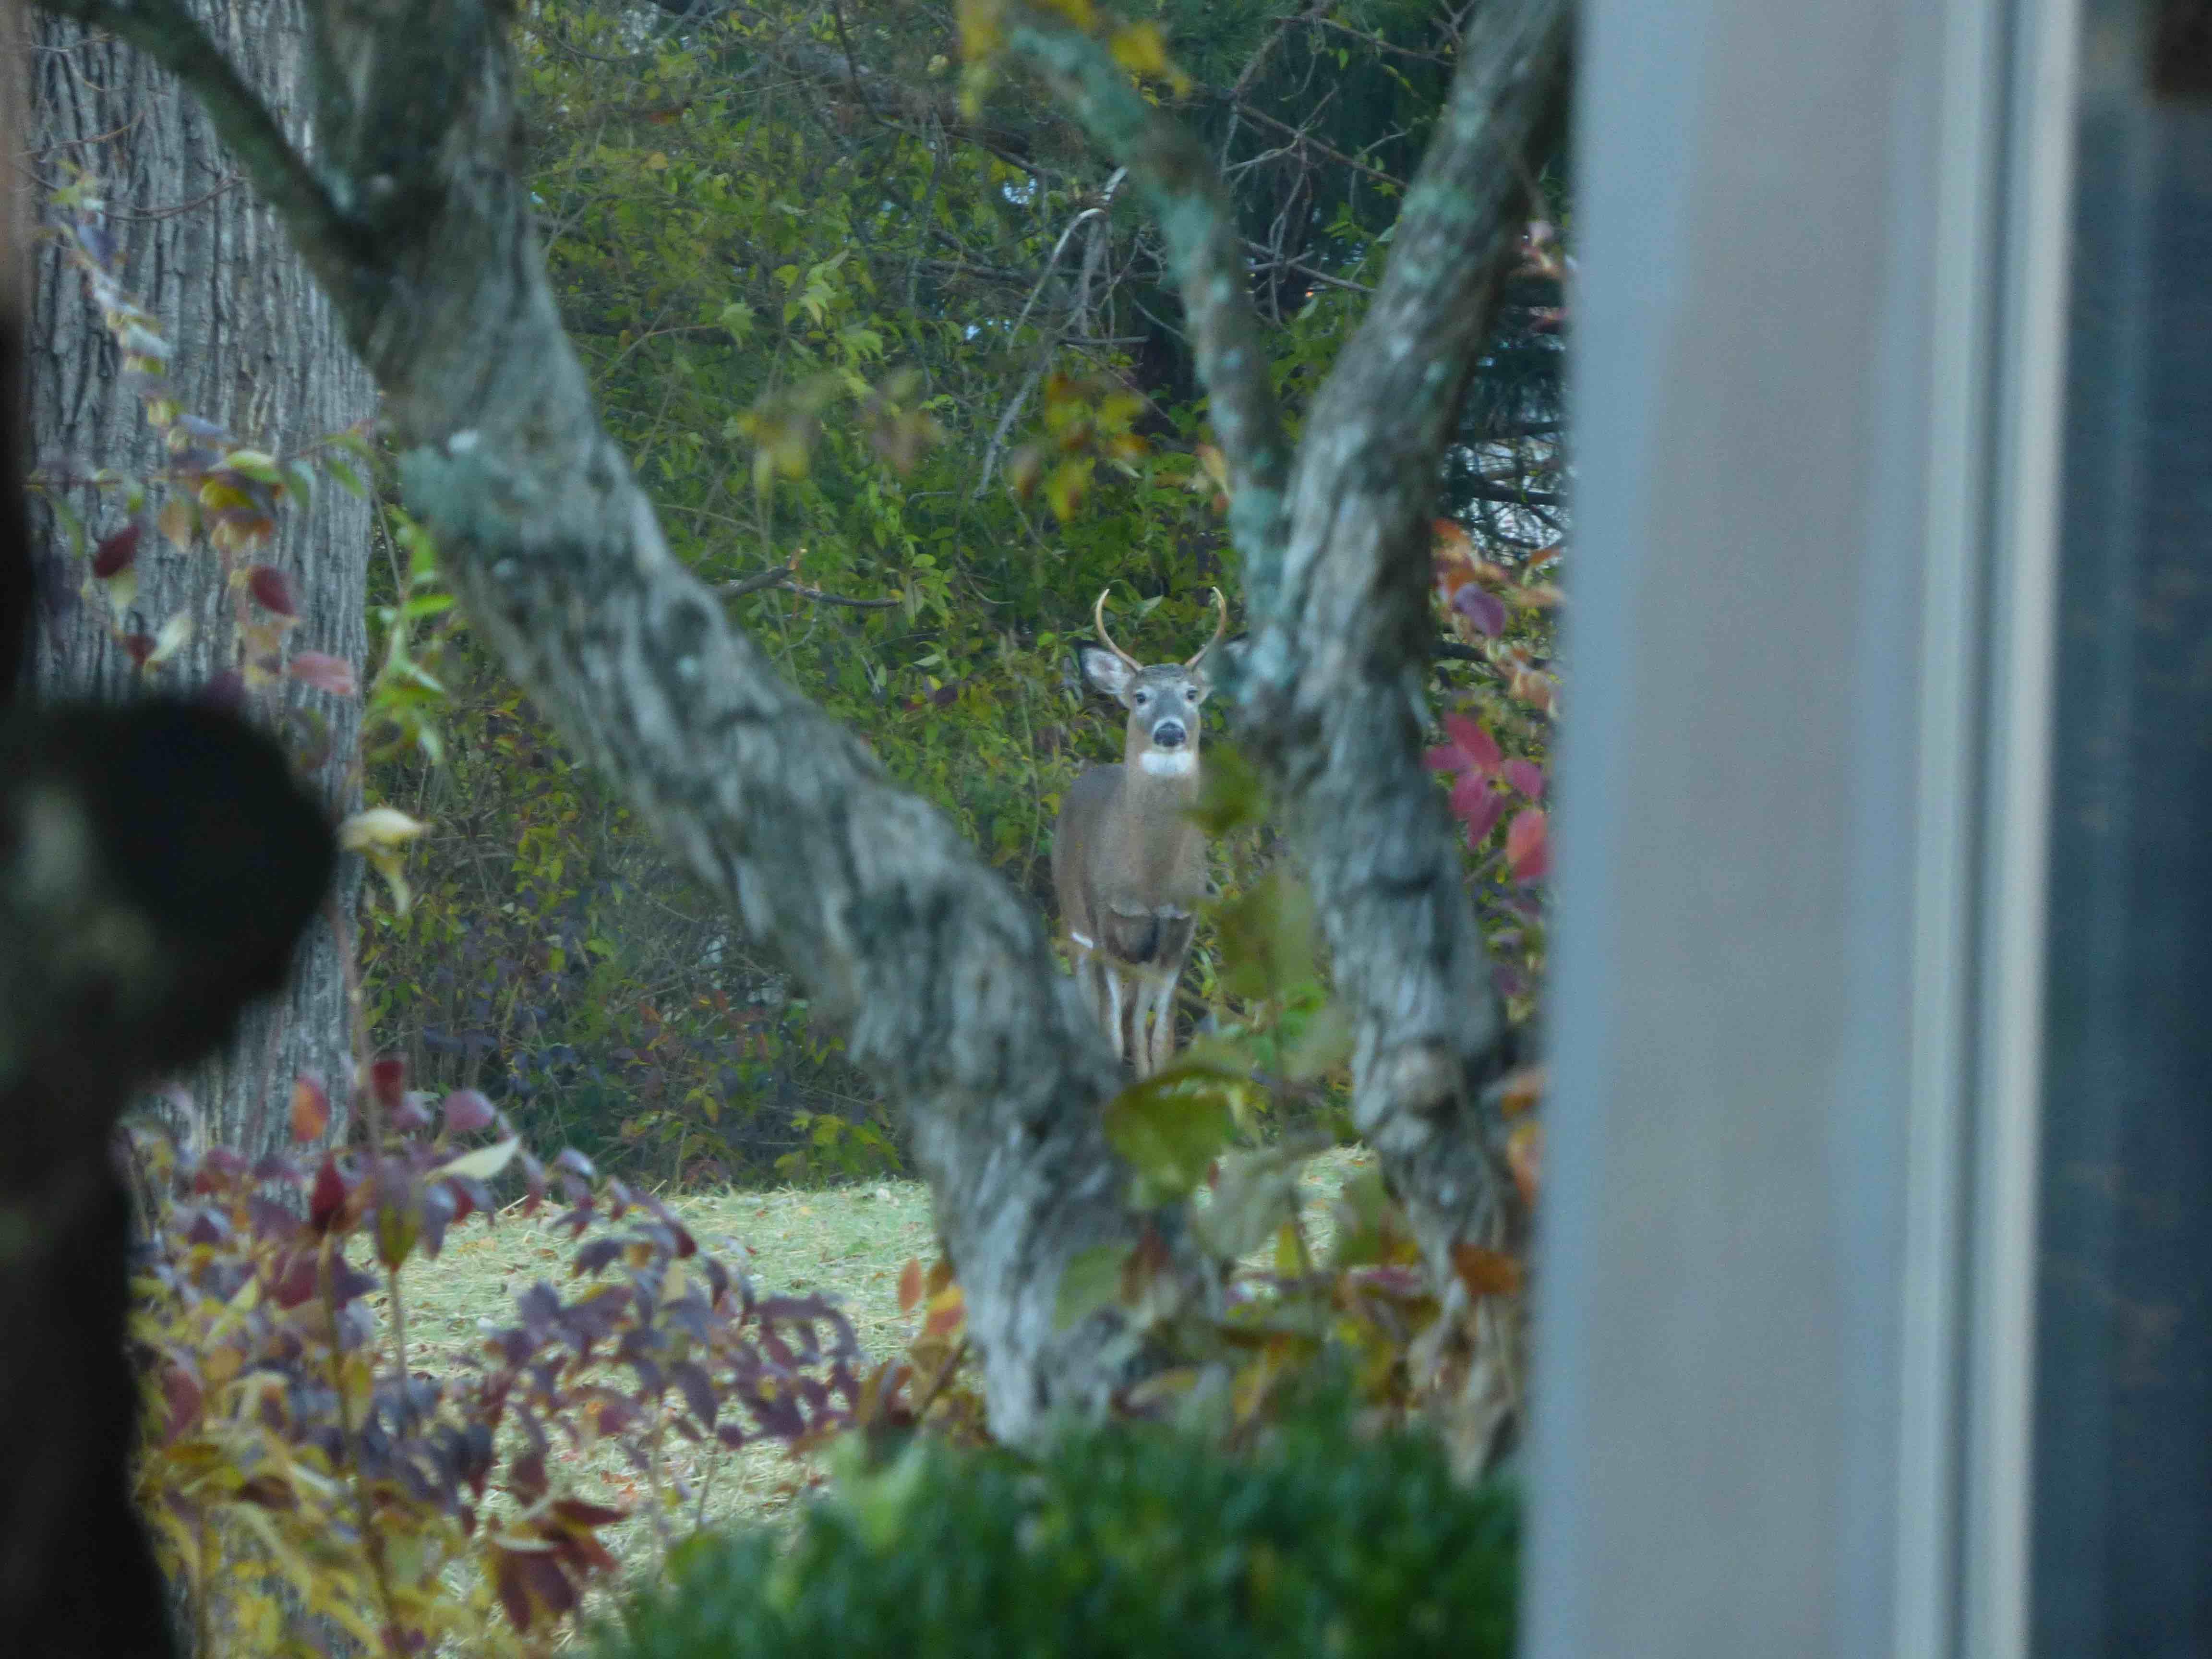 Deer looking through the window